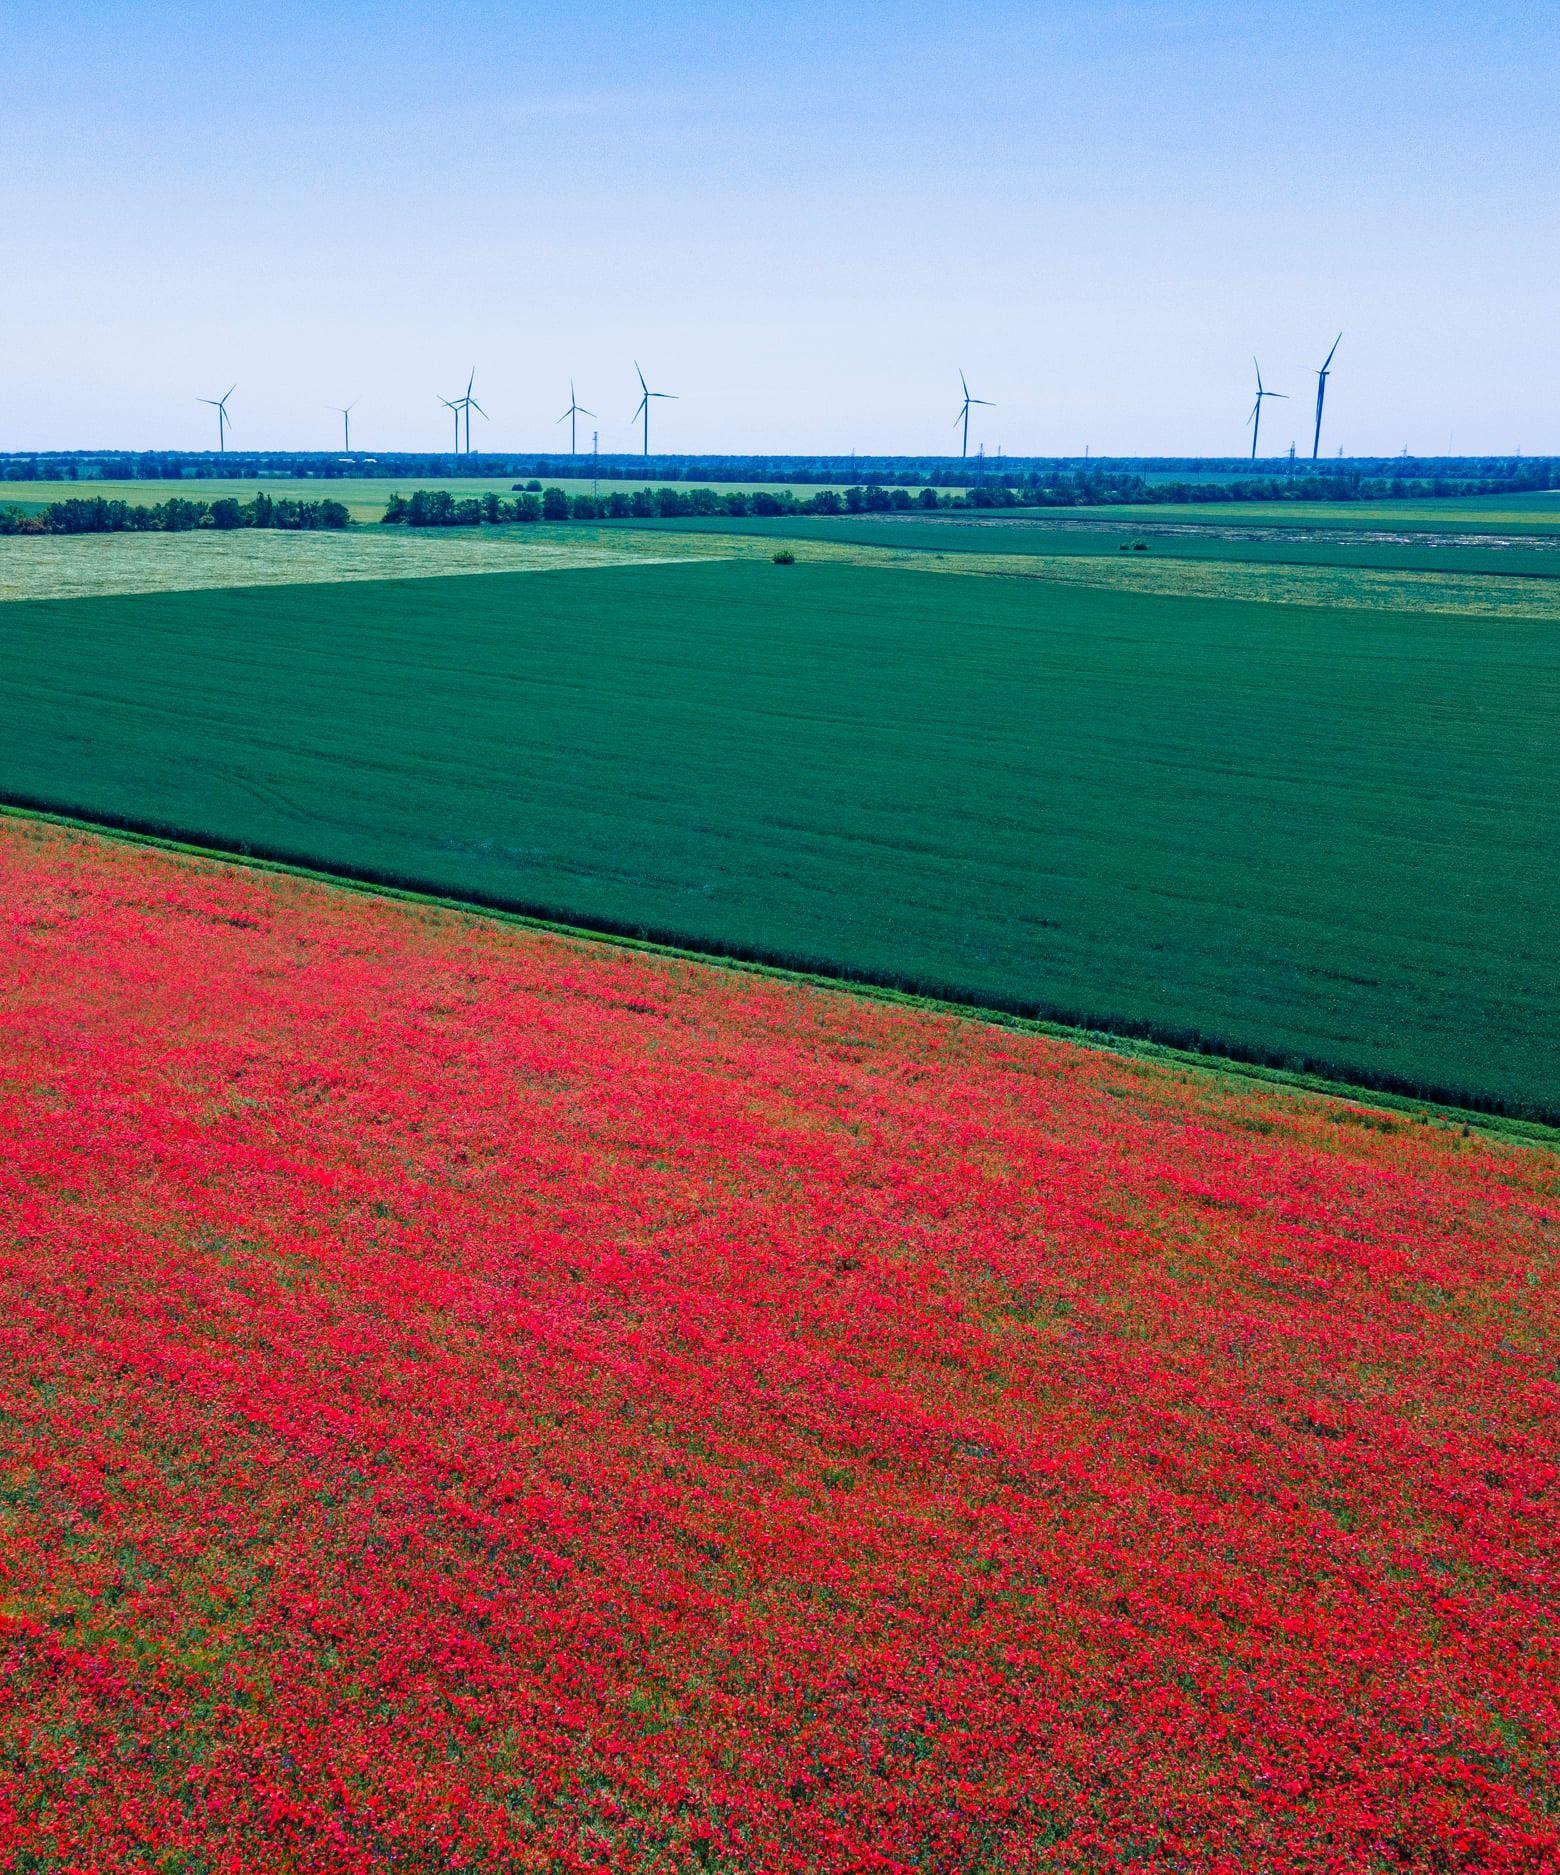 Пекуче макове поле: українців вразили неймовірно красиві фото